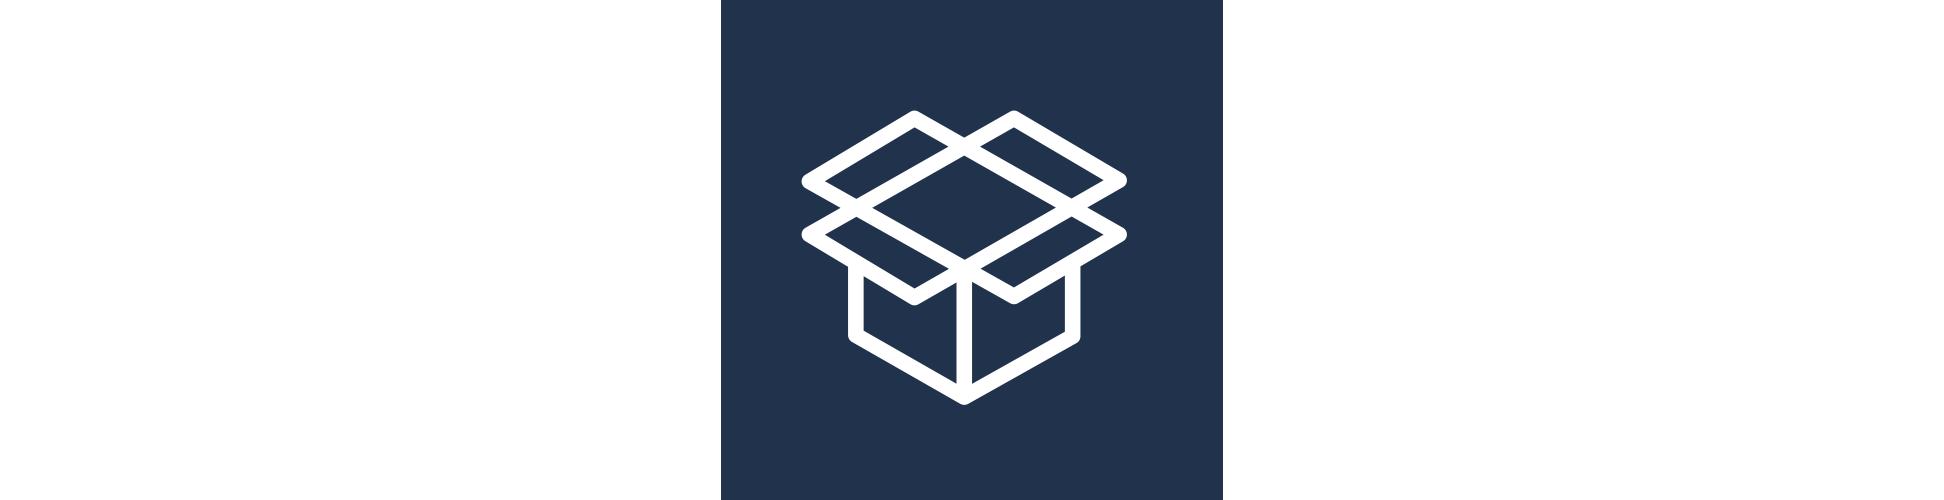 An open box icon